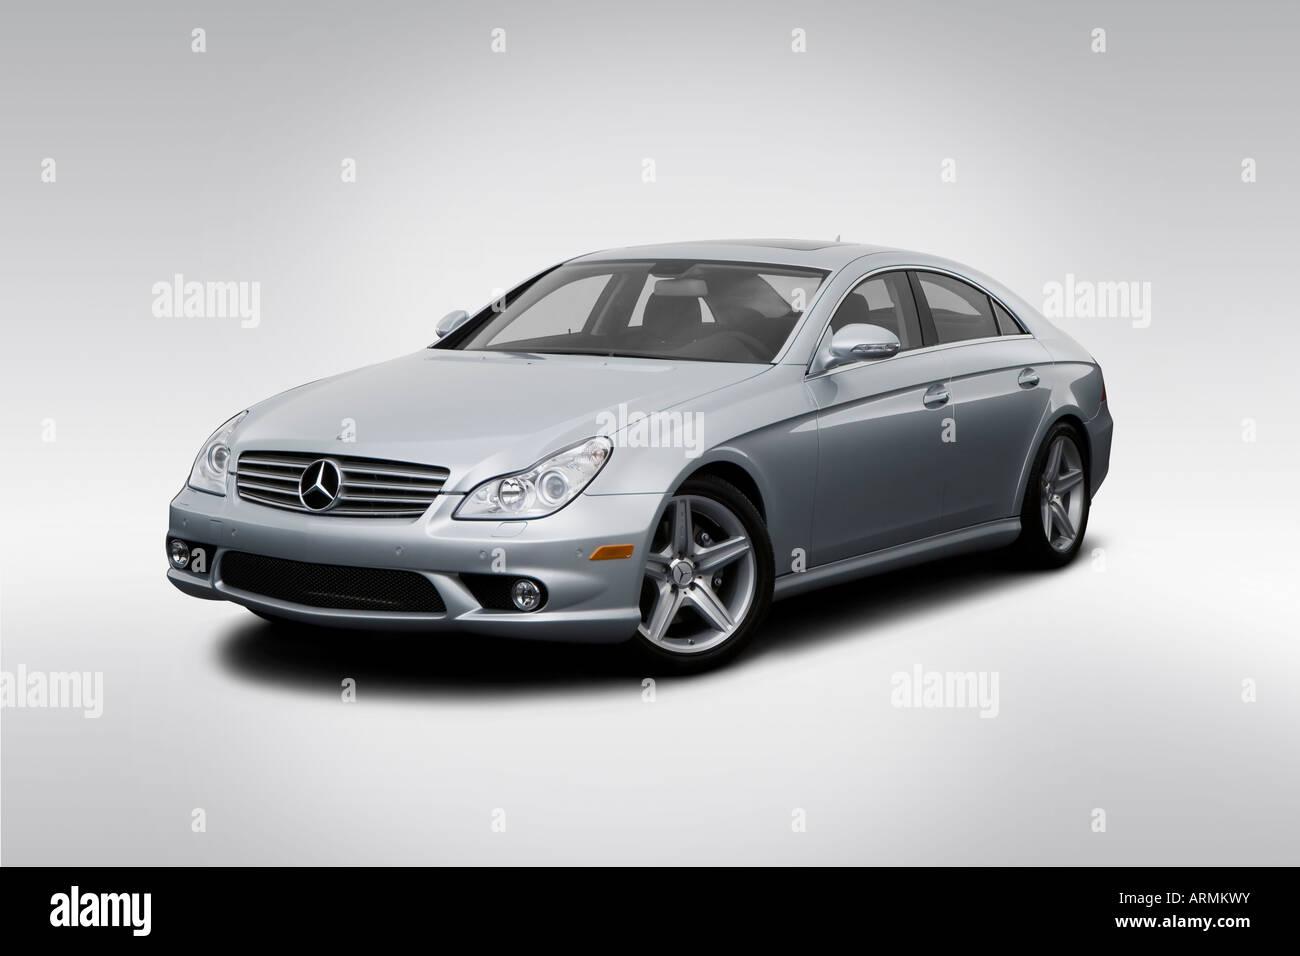 2008 Mercedes Benz Cls Klasse Cls550 In Silber Winkel Rims Vorderansicht